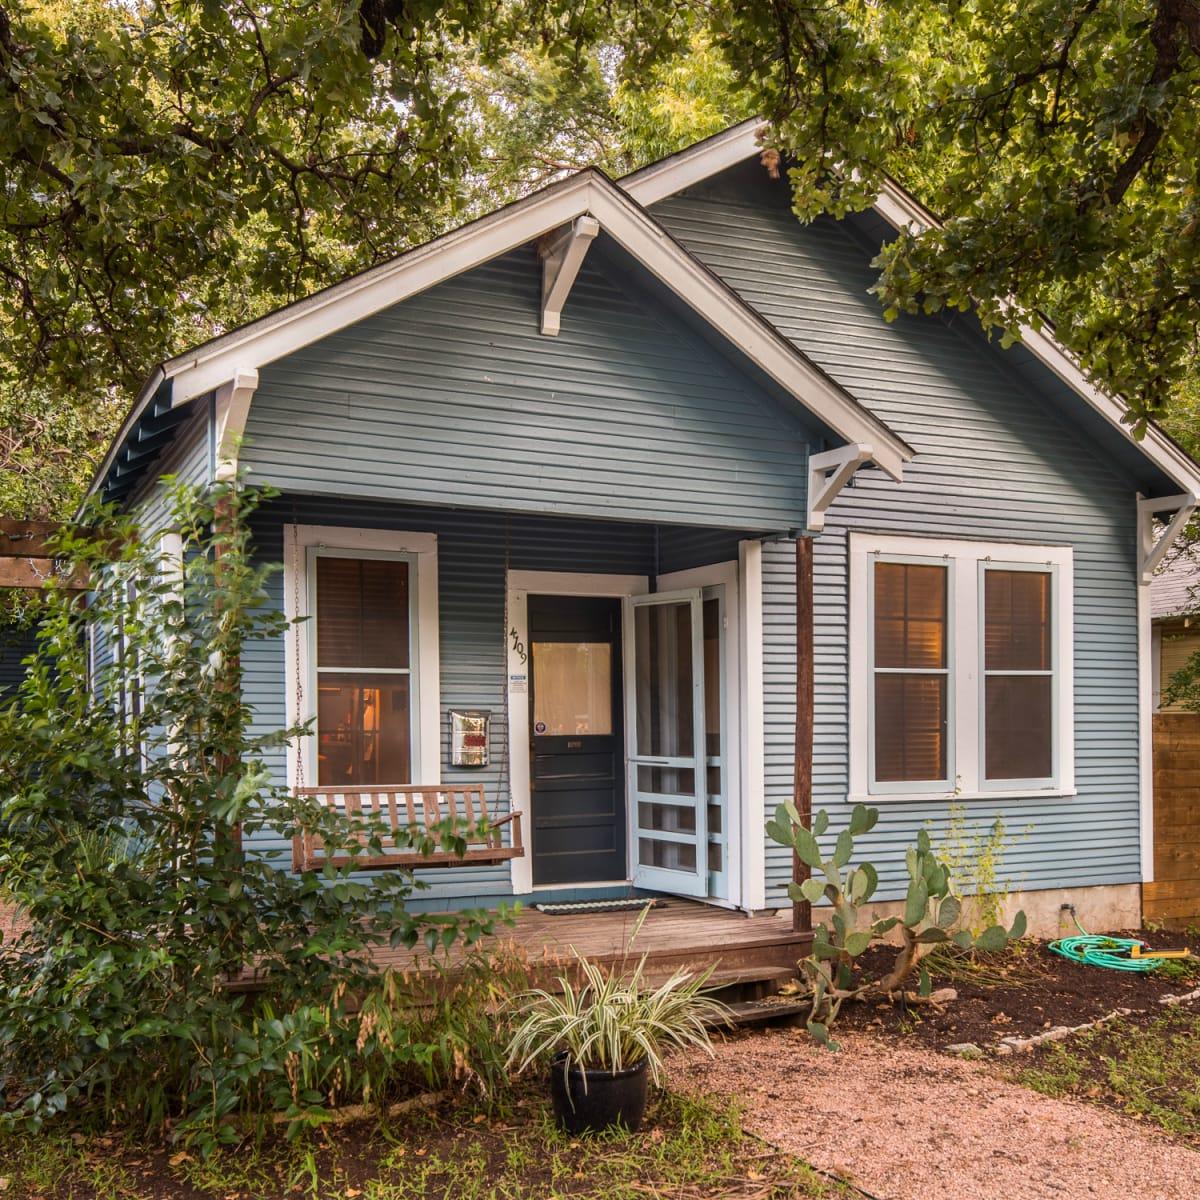 Historic Hyde Park Homes Tour 2015 Avenue A bungalow house